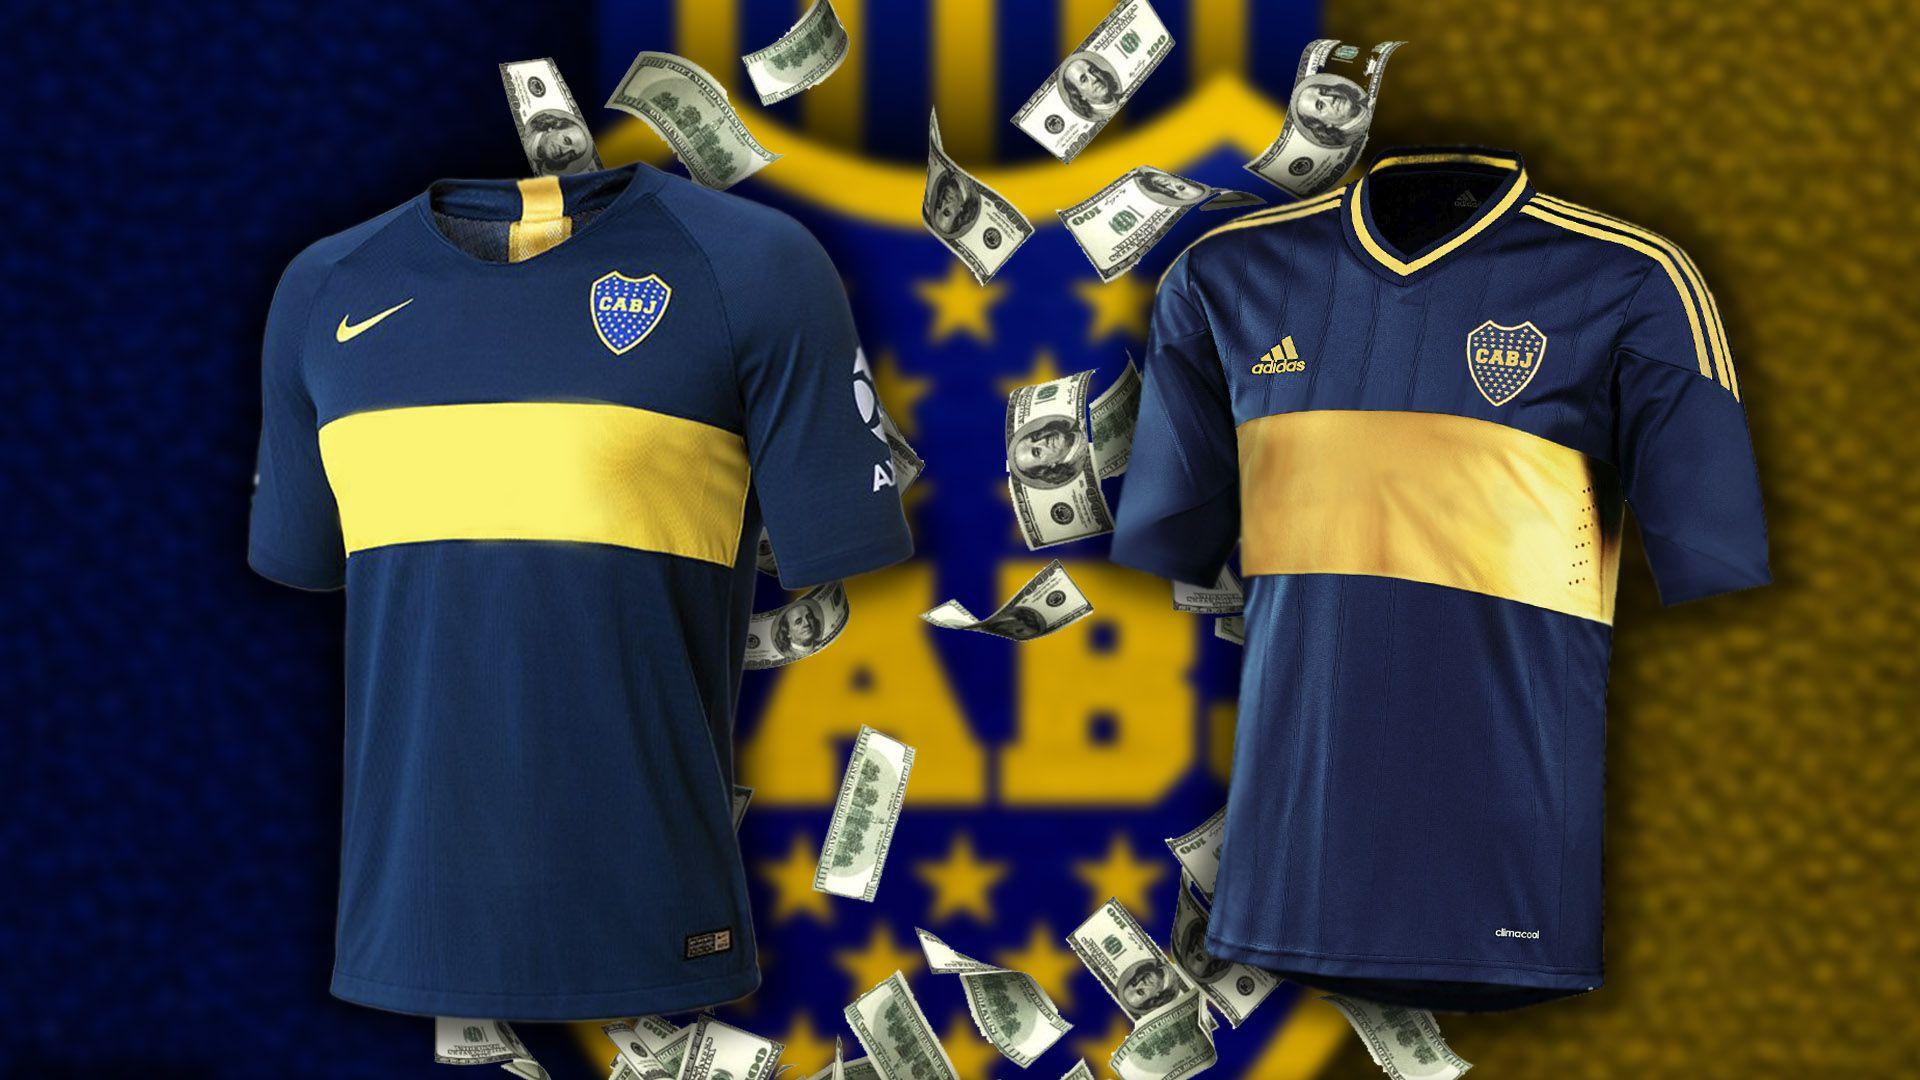 El año pasado, Nike dejó de ser la marca deportiva de Boca luego de más de 20 años. La reemplazó su rival, Adidas